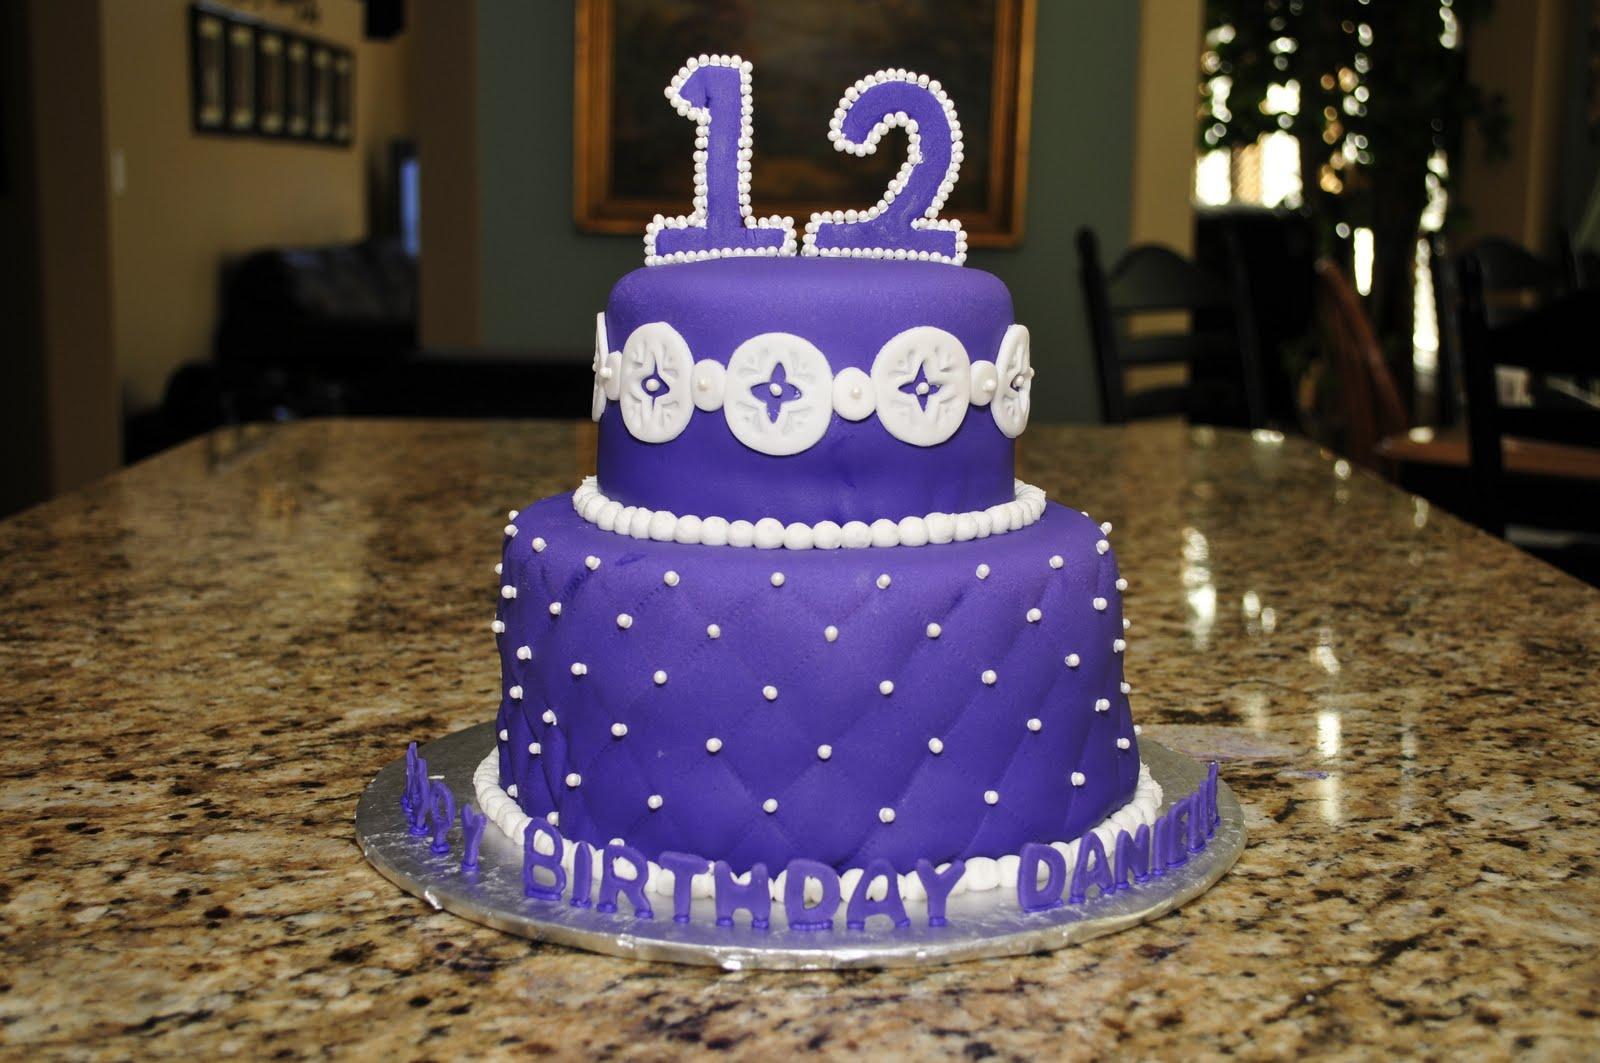 Birthday Cake For Little Sister ~ Lindsay's custom cakes: danielle's birthday cake